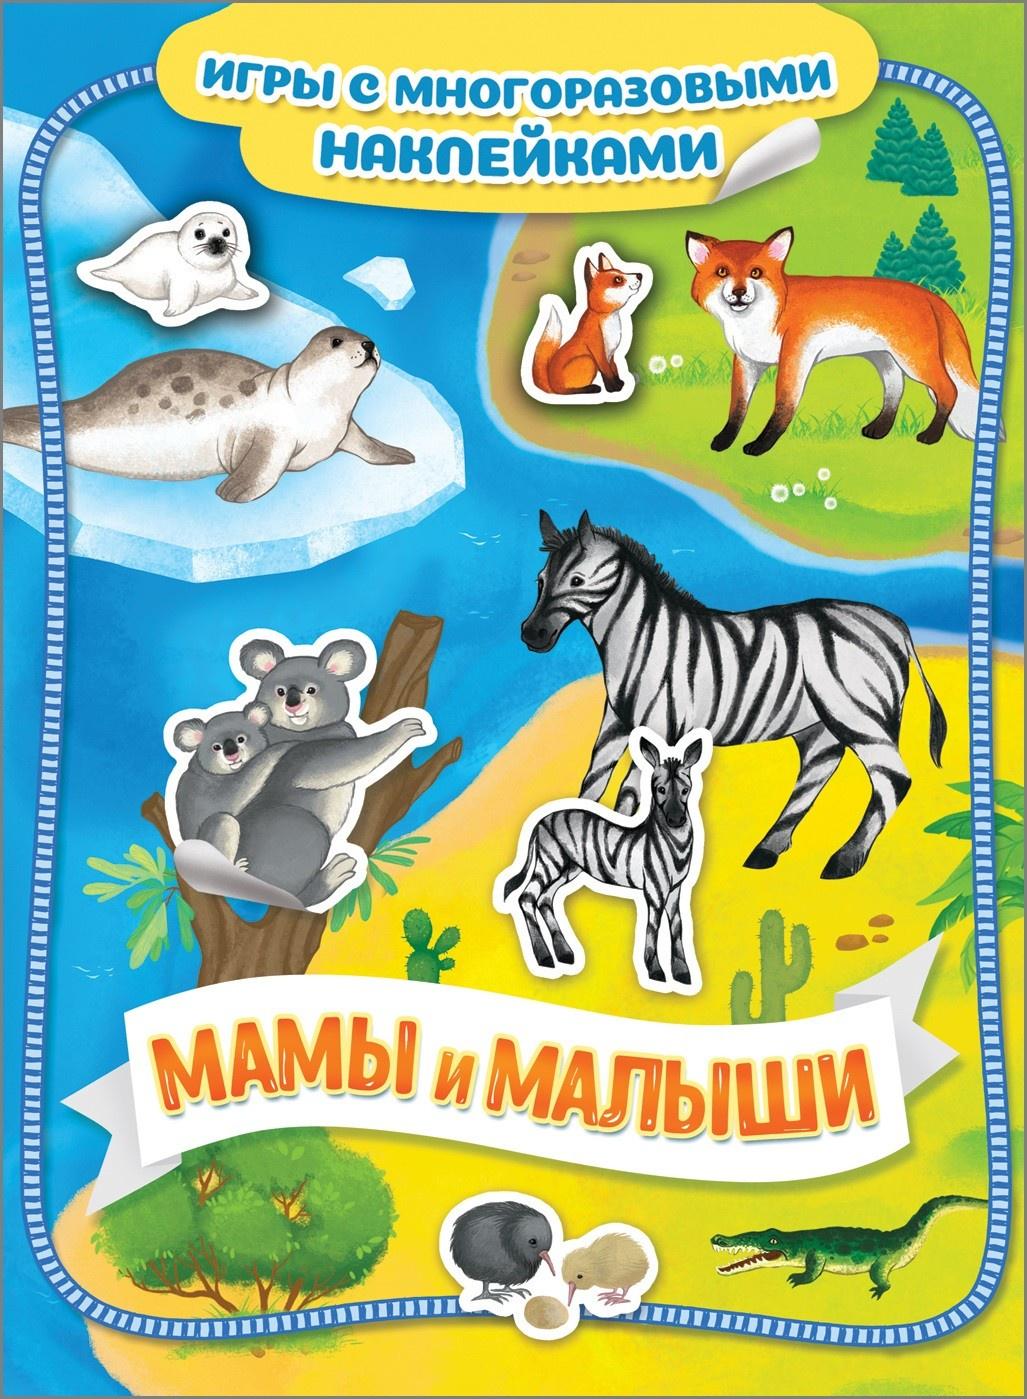 Котятова Н. И. Мамы и малыши. Игры с многоразовыми наклейками и батова как поступают заботливые ребята интерактивная папка с книжкой наклейками и заданиями